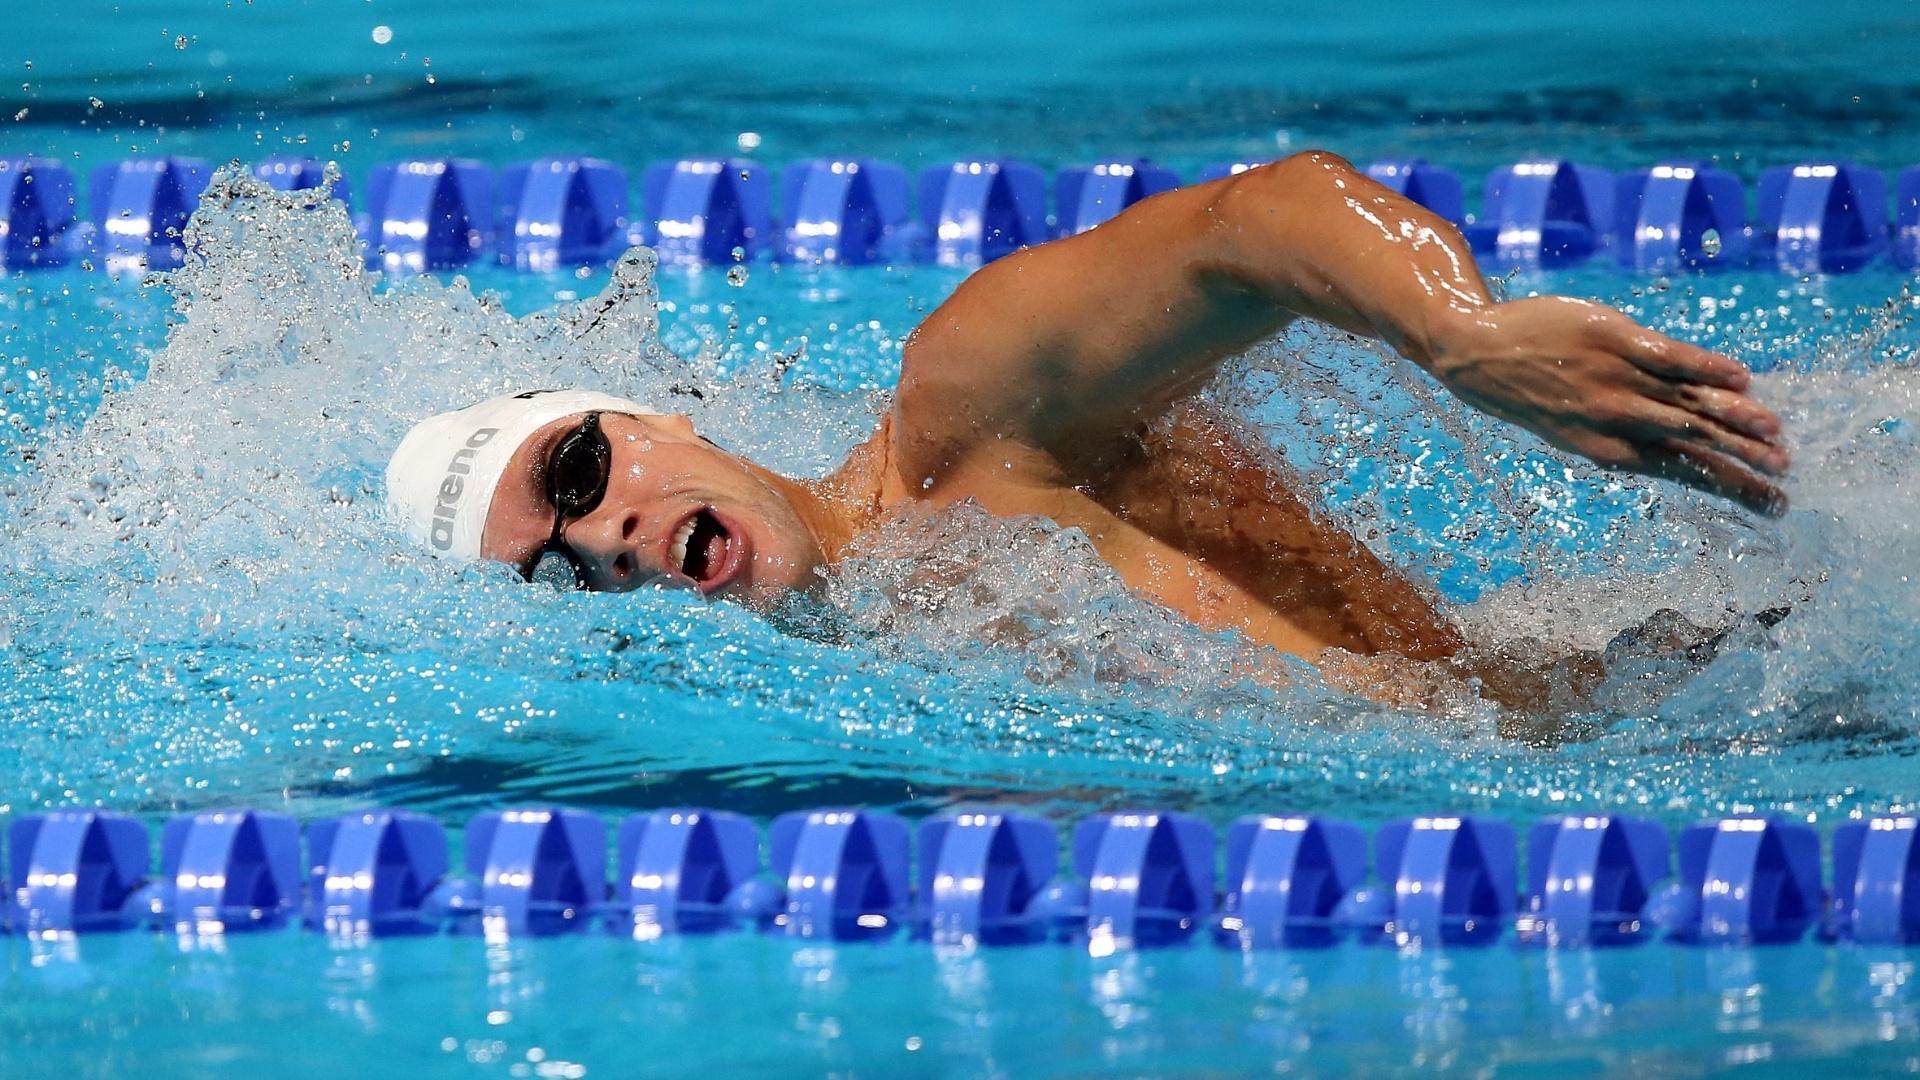 04.ago.2013 - Thiago Pereira fica em oitavo nas eliminatórias e vai à final dos 400 m medley em Barcelona